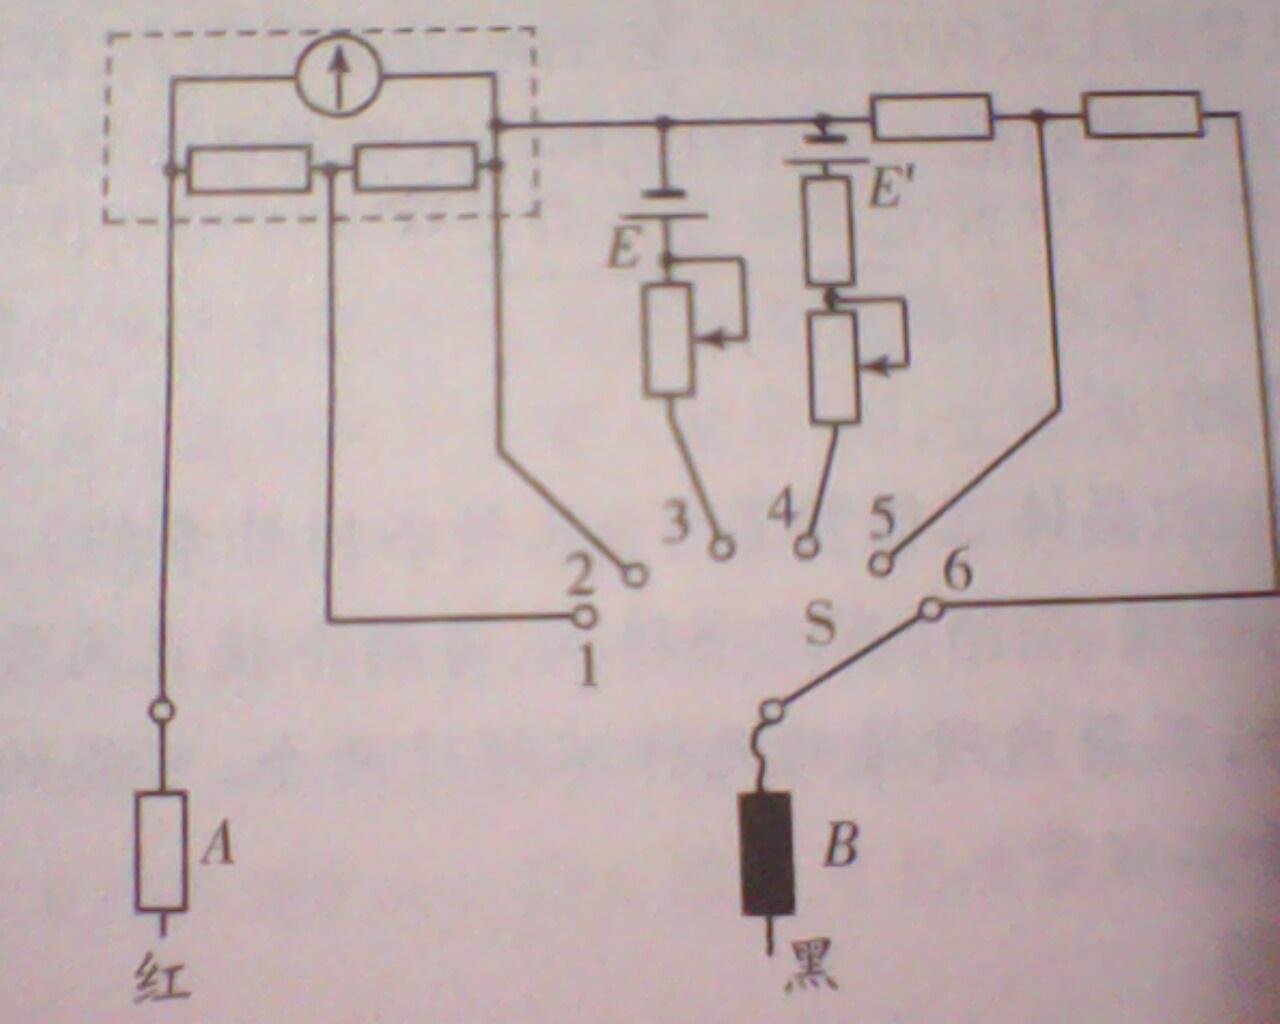 欧姆表测电阻时 内部有电源